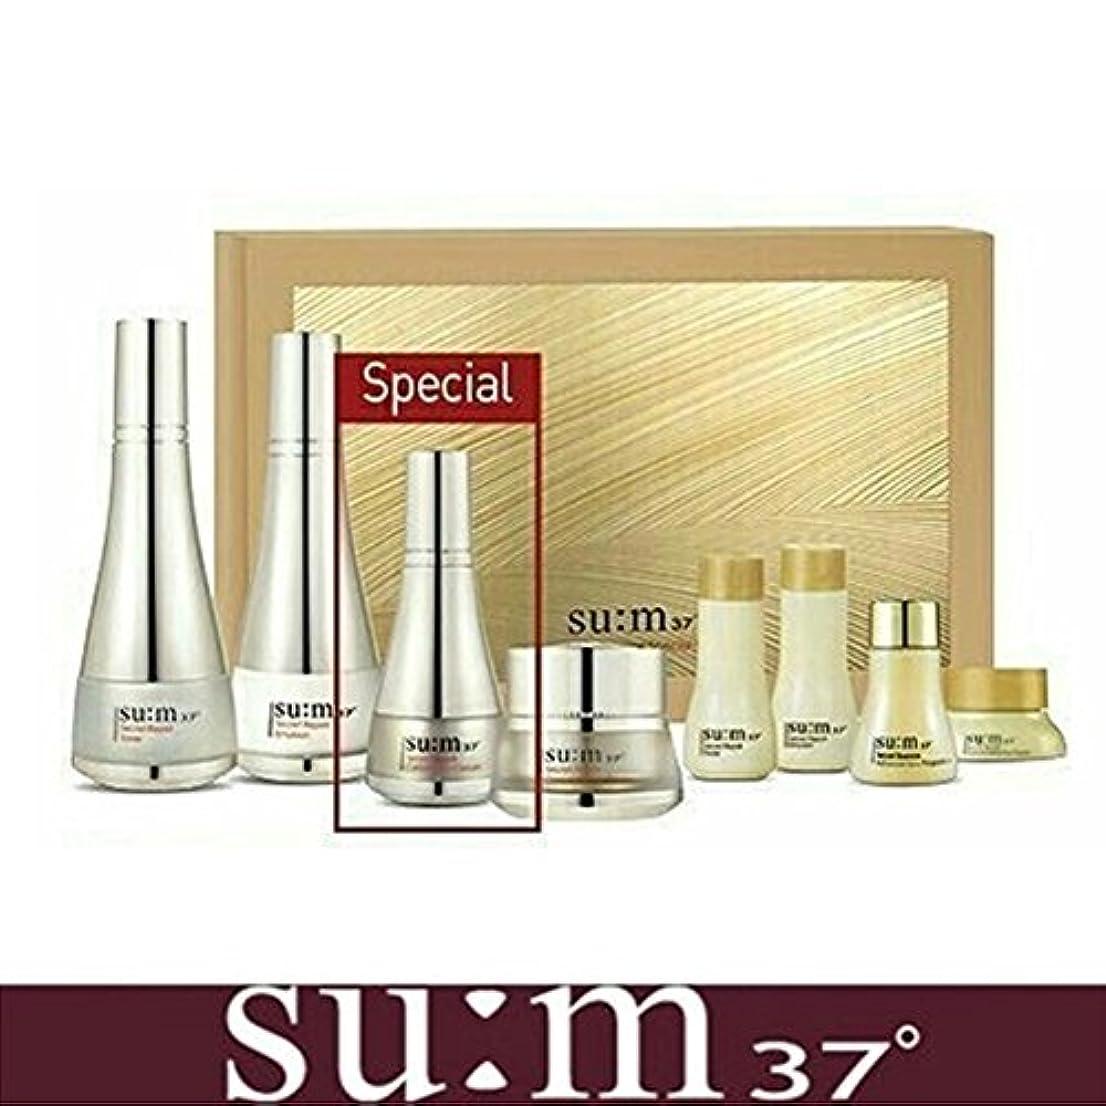 案件ボット汚れた[su:m37/スム37°] SUM37 Secret Repair 3pcs Special Skincare Set / シークレットリペア3種セット+[Sample Gift](海外直送品)